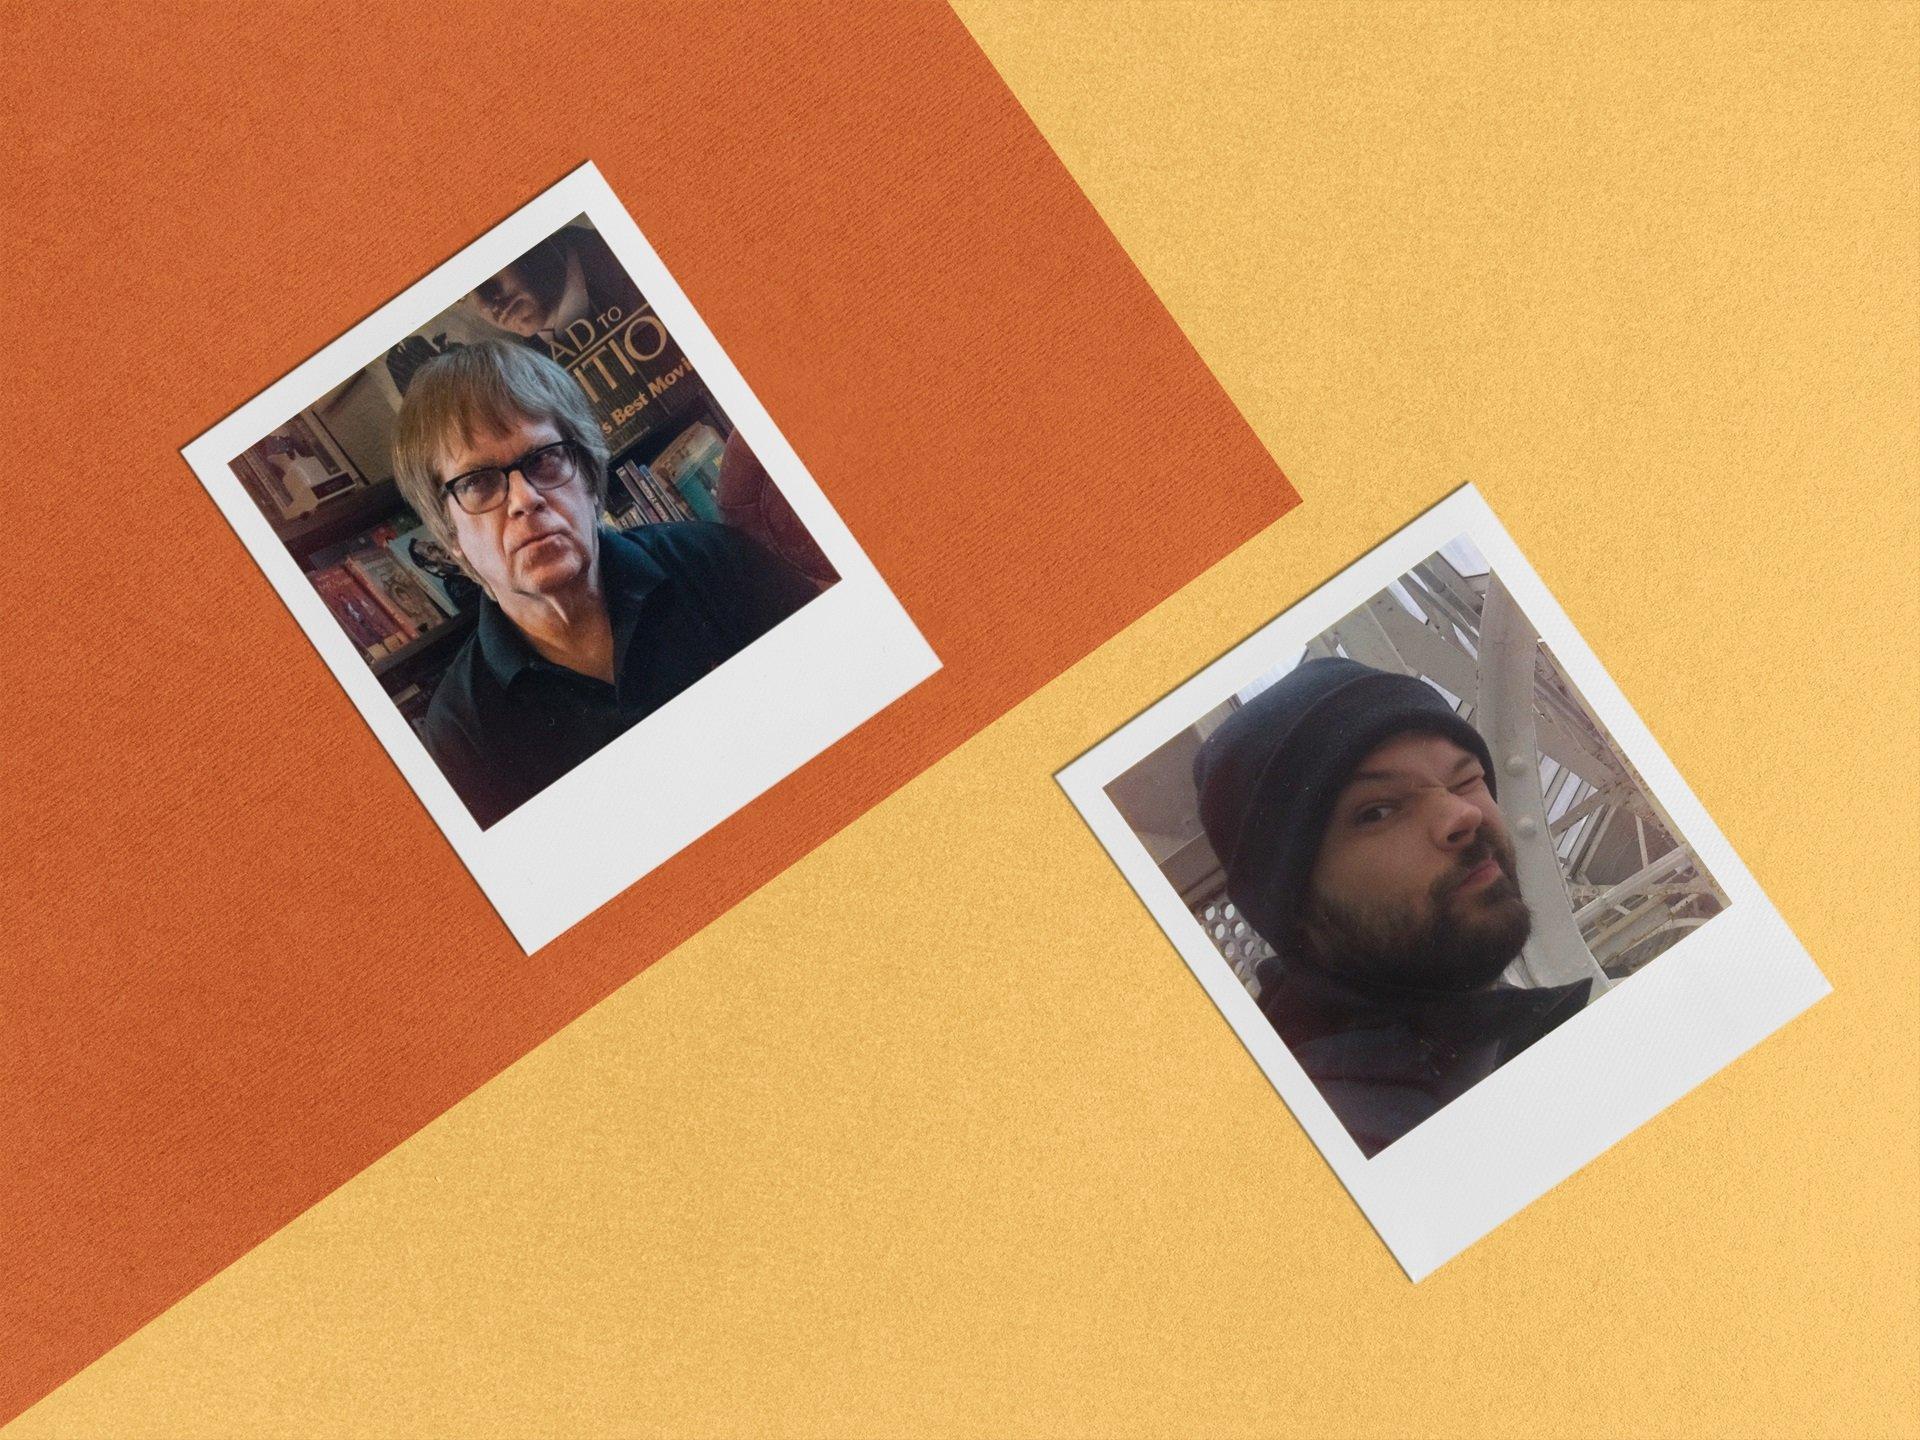 Max Allan Collins y Nick Kolakowski hablan sobre la invencible apelación de Mike Hammer